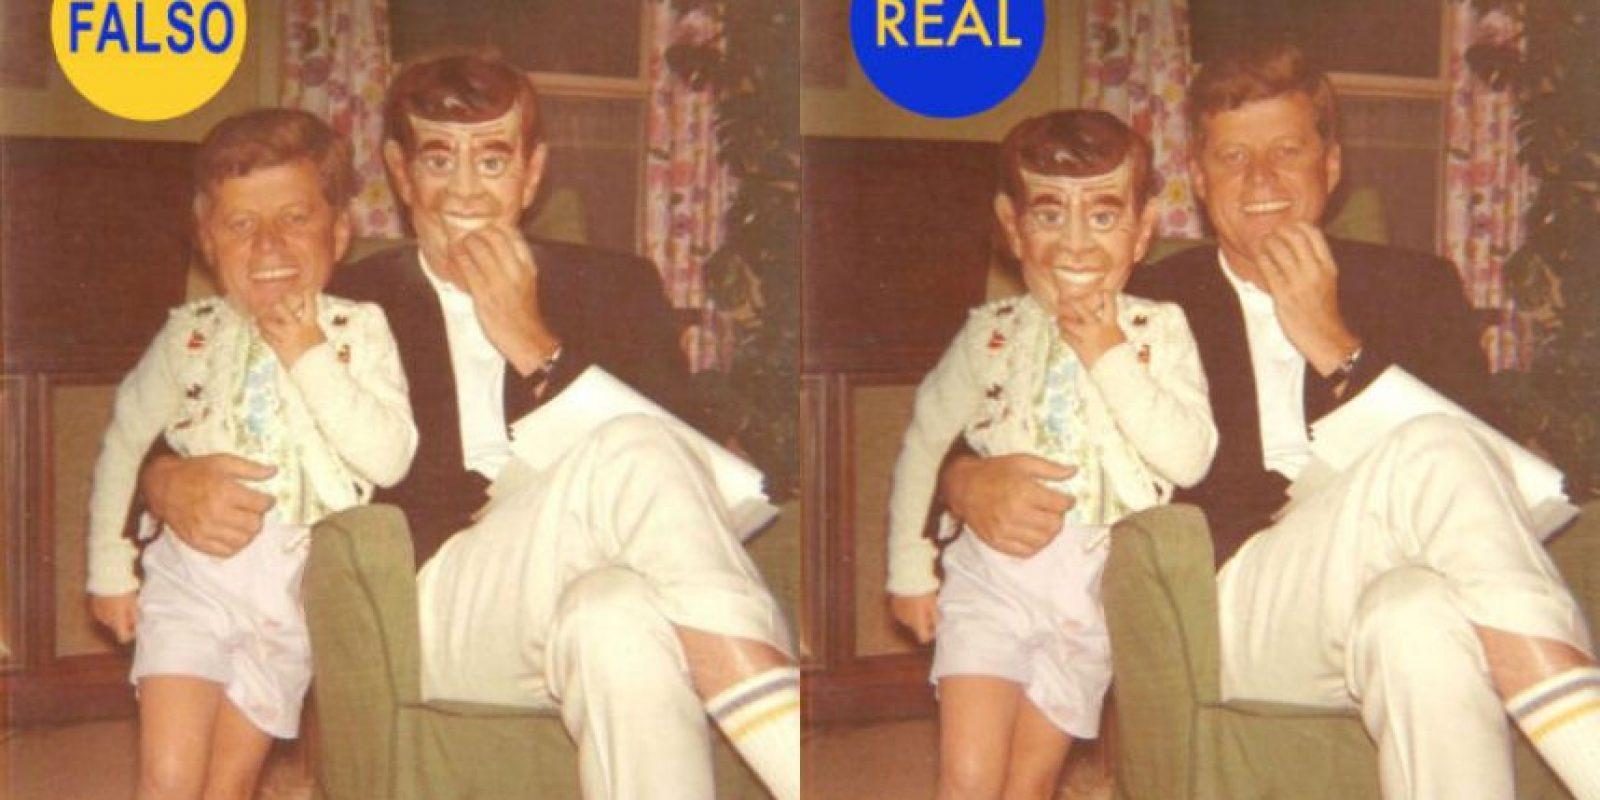 JFK y su hija llevando una máscara de la cara suya. Esta foto es muy popular en Twitter. Se supone que es John Fitzgeral Kennedy y su hija, la cual lleva una careta de cartón con la cara de su propio padre. Las caras están intercambiadas. La auténtica es la de la derecha. Foto:History in pic